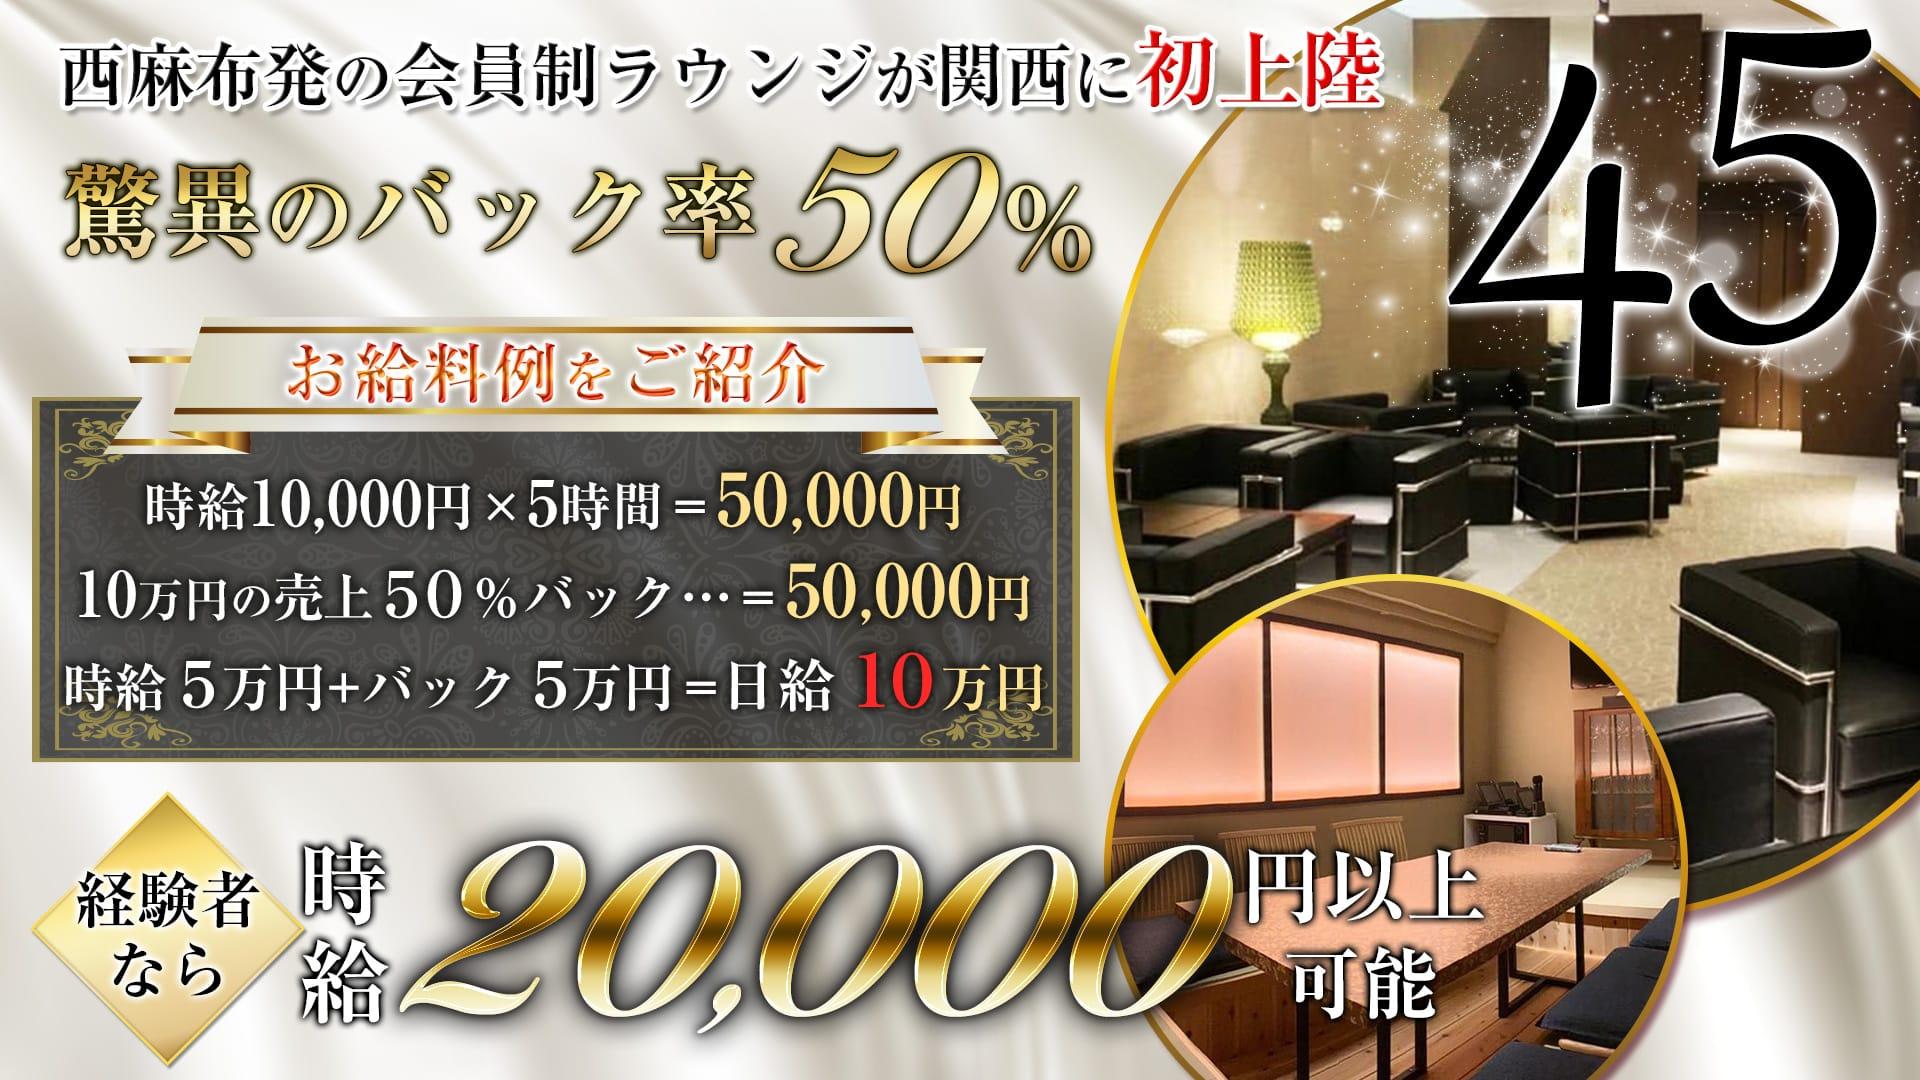 45(よんごー)【公式求人・体入情報】 祇園会員制ラウンジ TOP画像